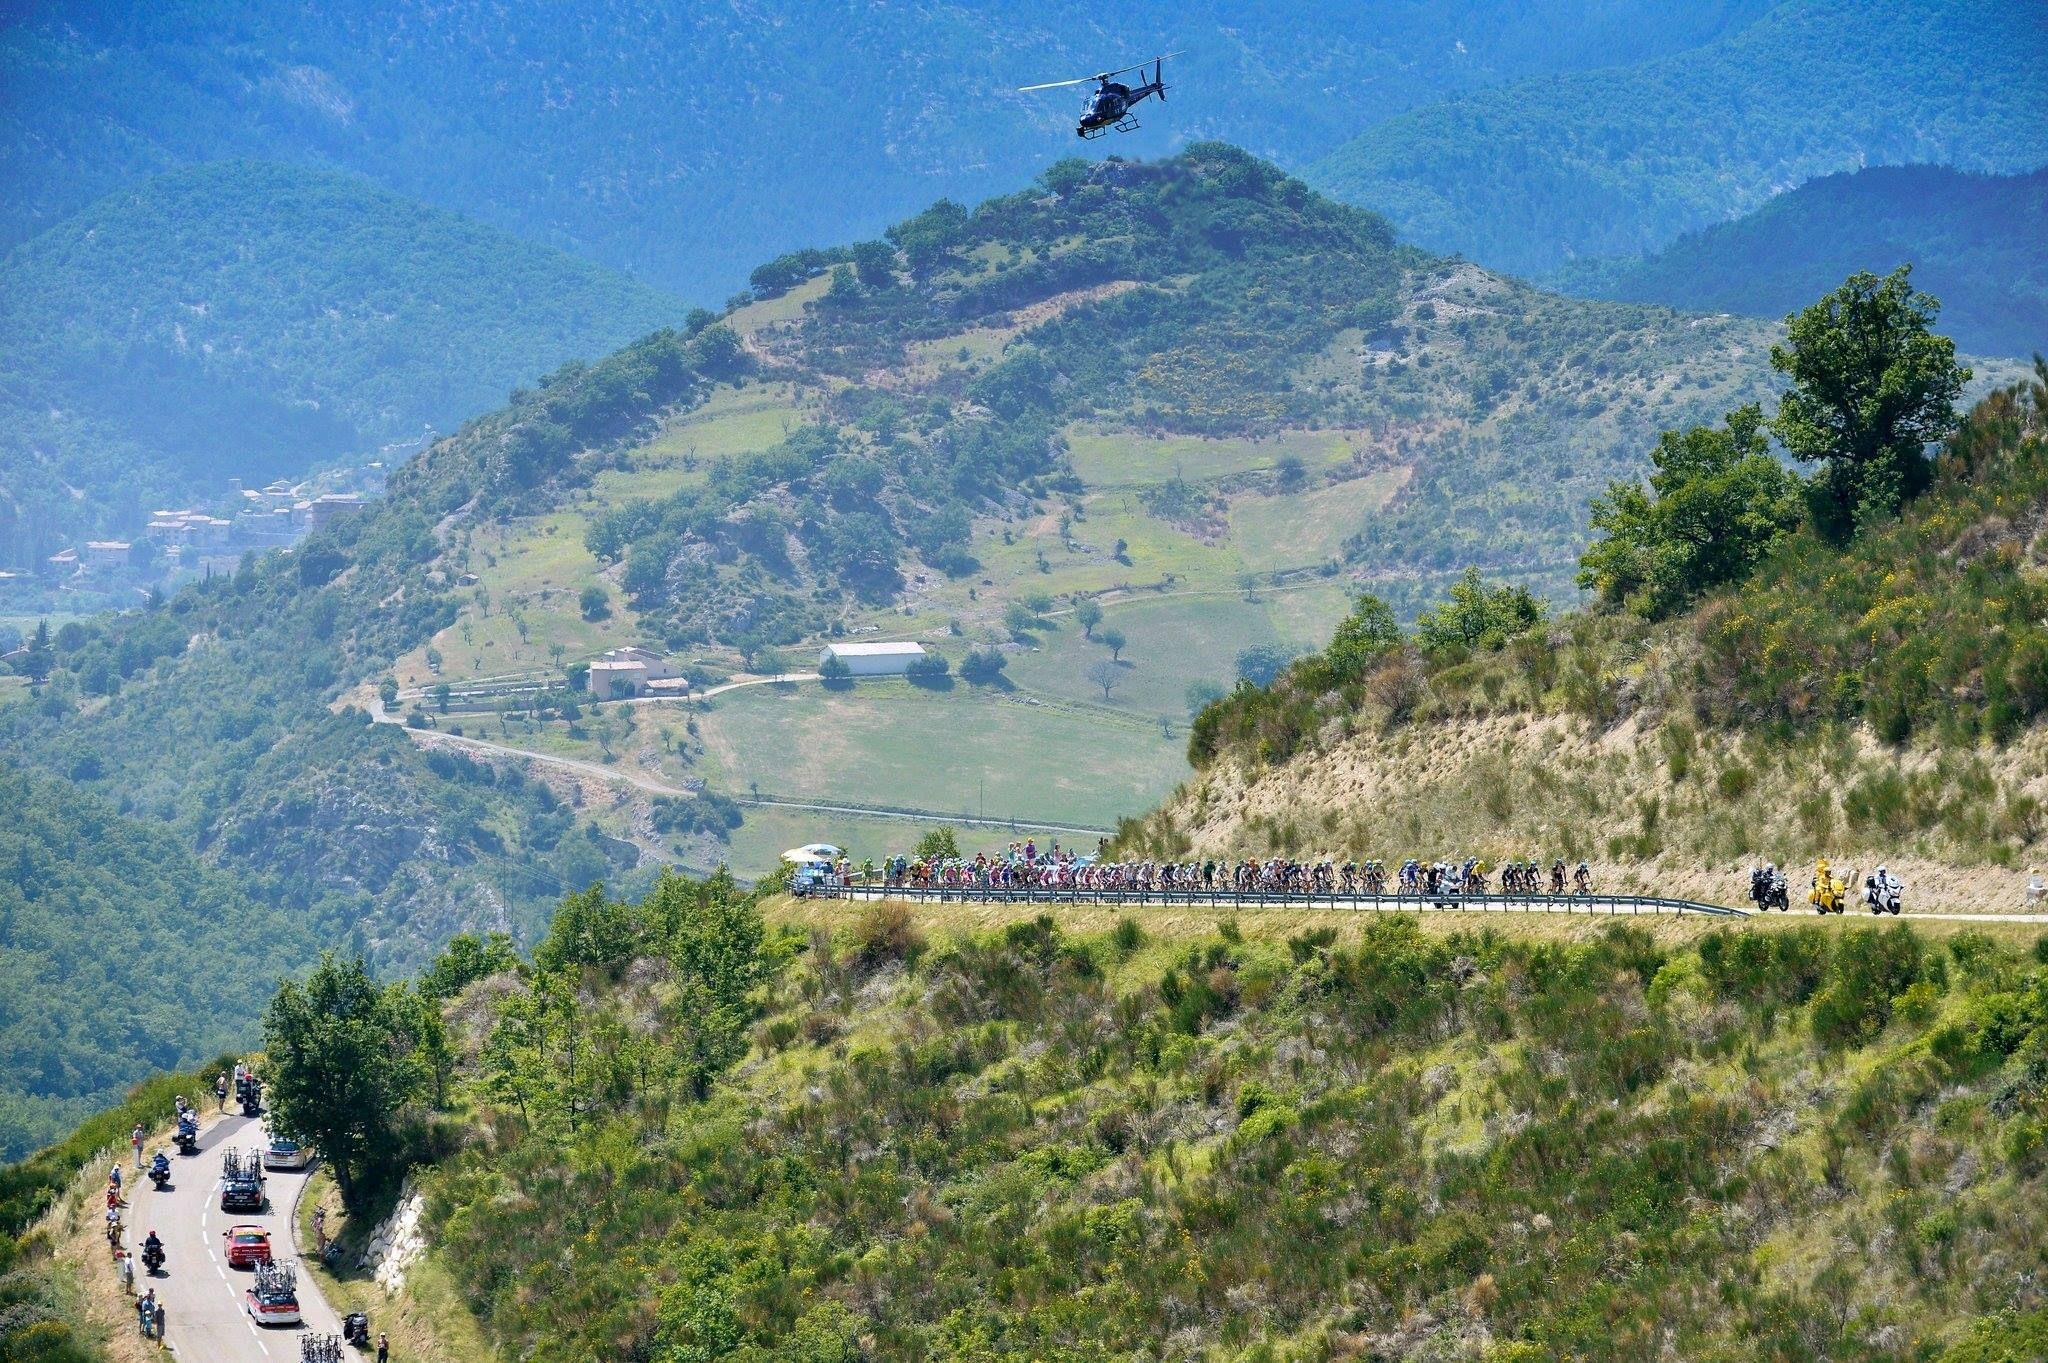 Col de Macuègne, Tour de France 2013 - rit 16: Vaison-la-Romaine - Gap | Tours, Natural ...